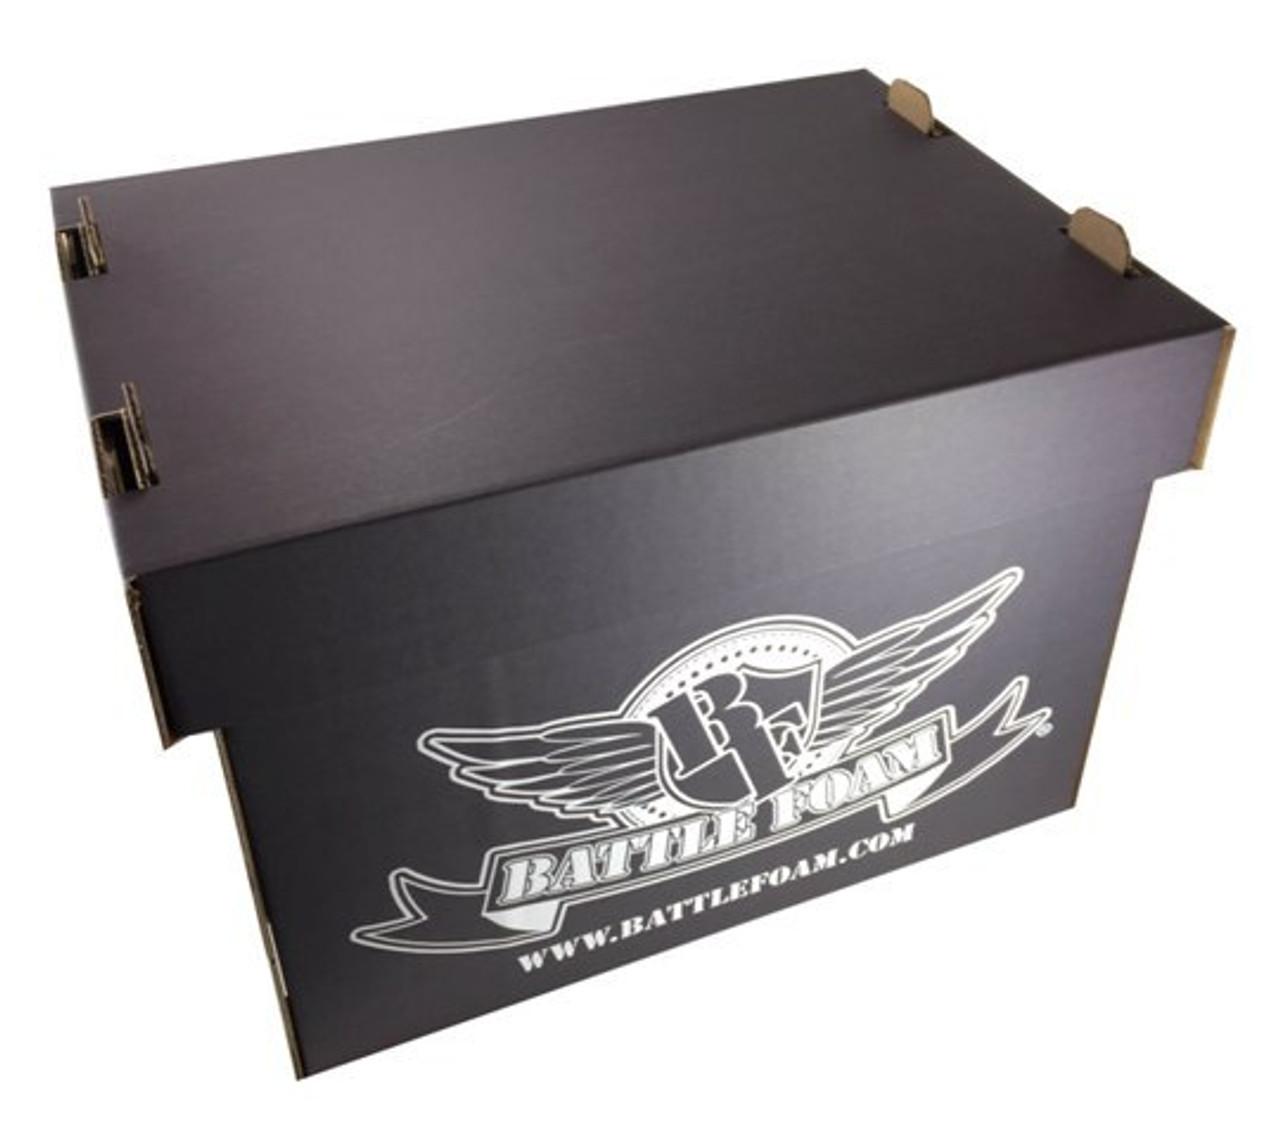 Battle Foam Large Stacker Box Empty Black Battle Foam Free import and export records for battlefoam limited. battle foam